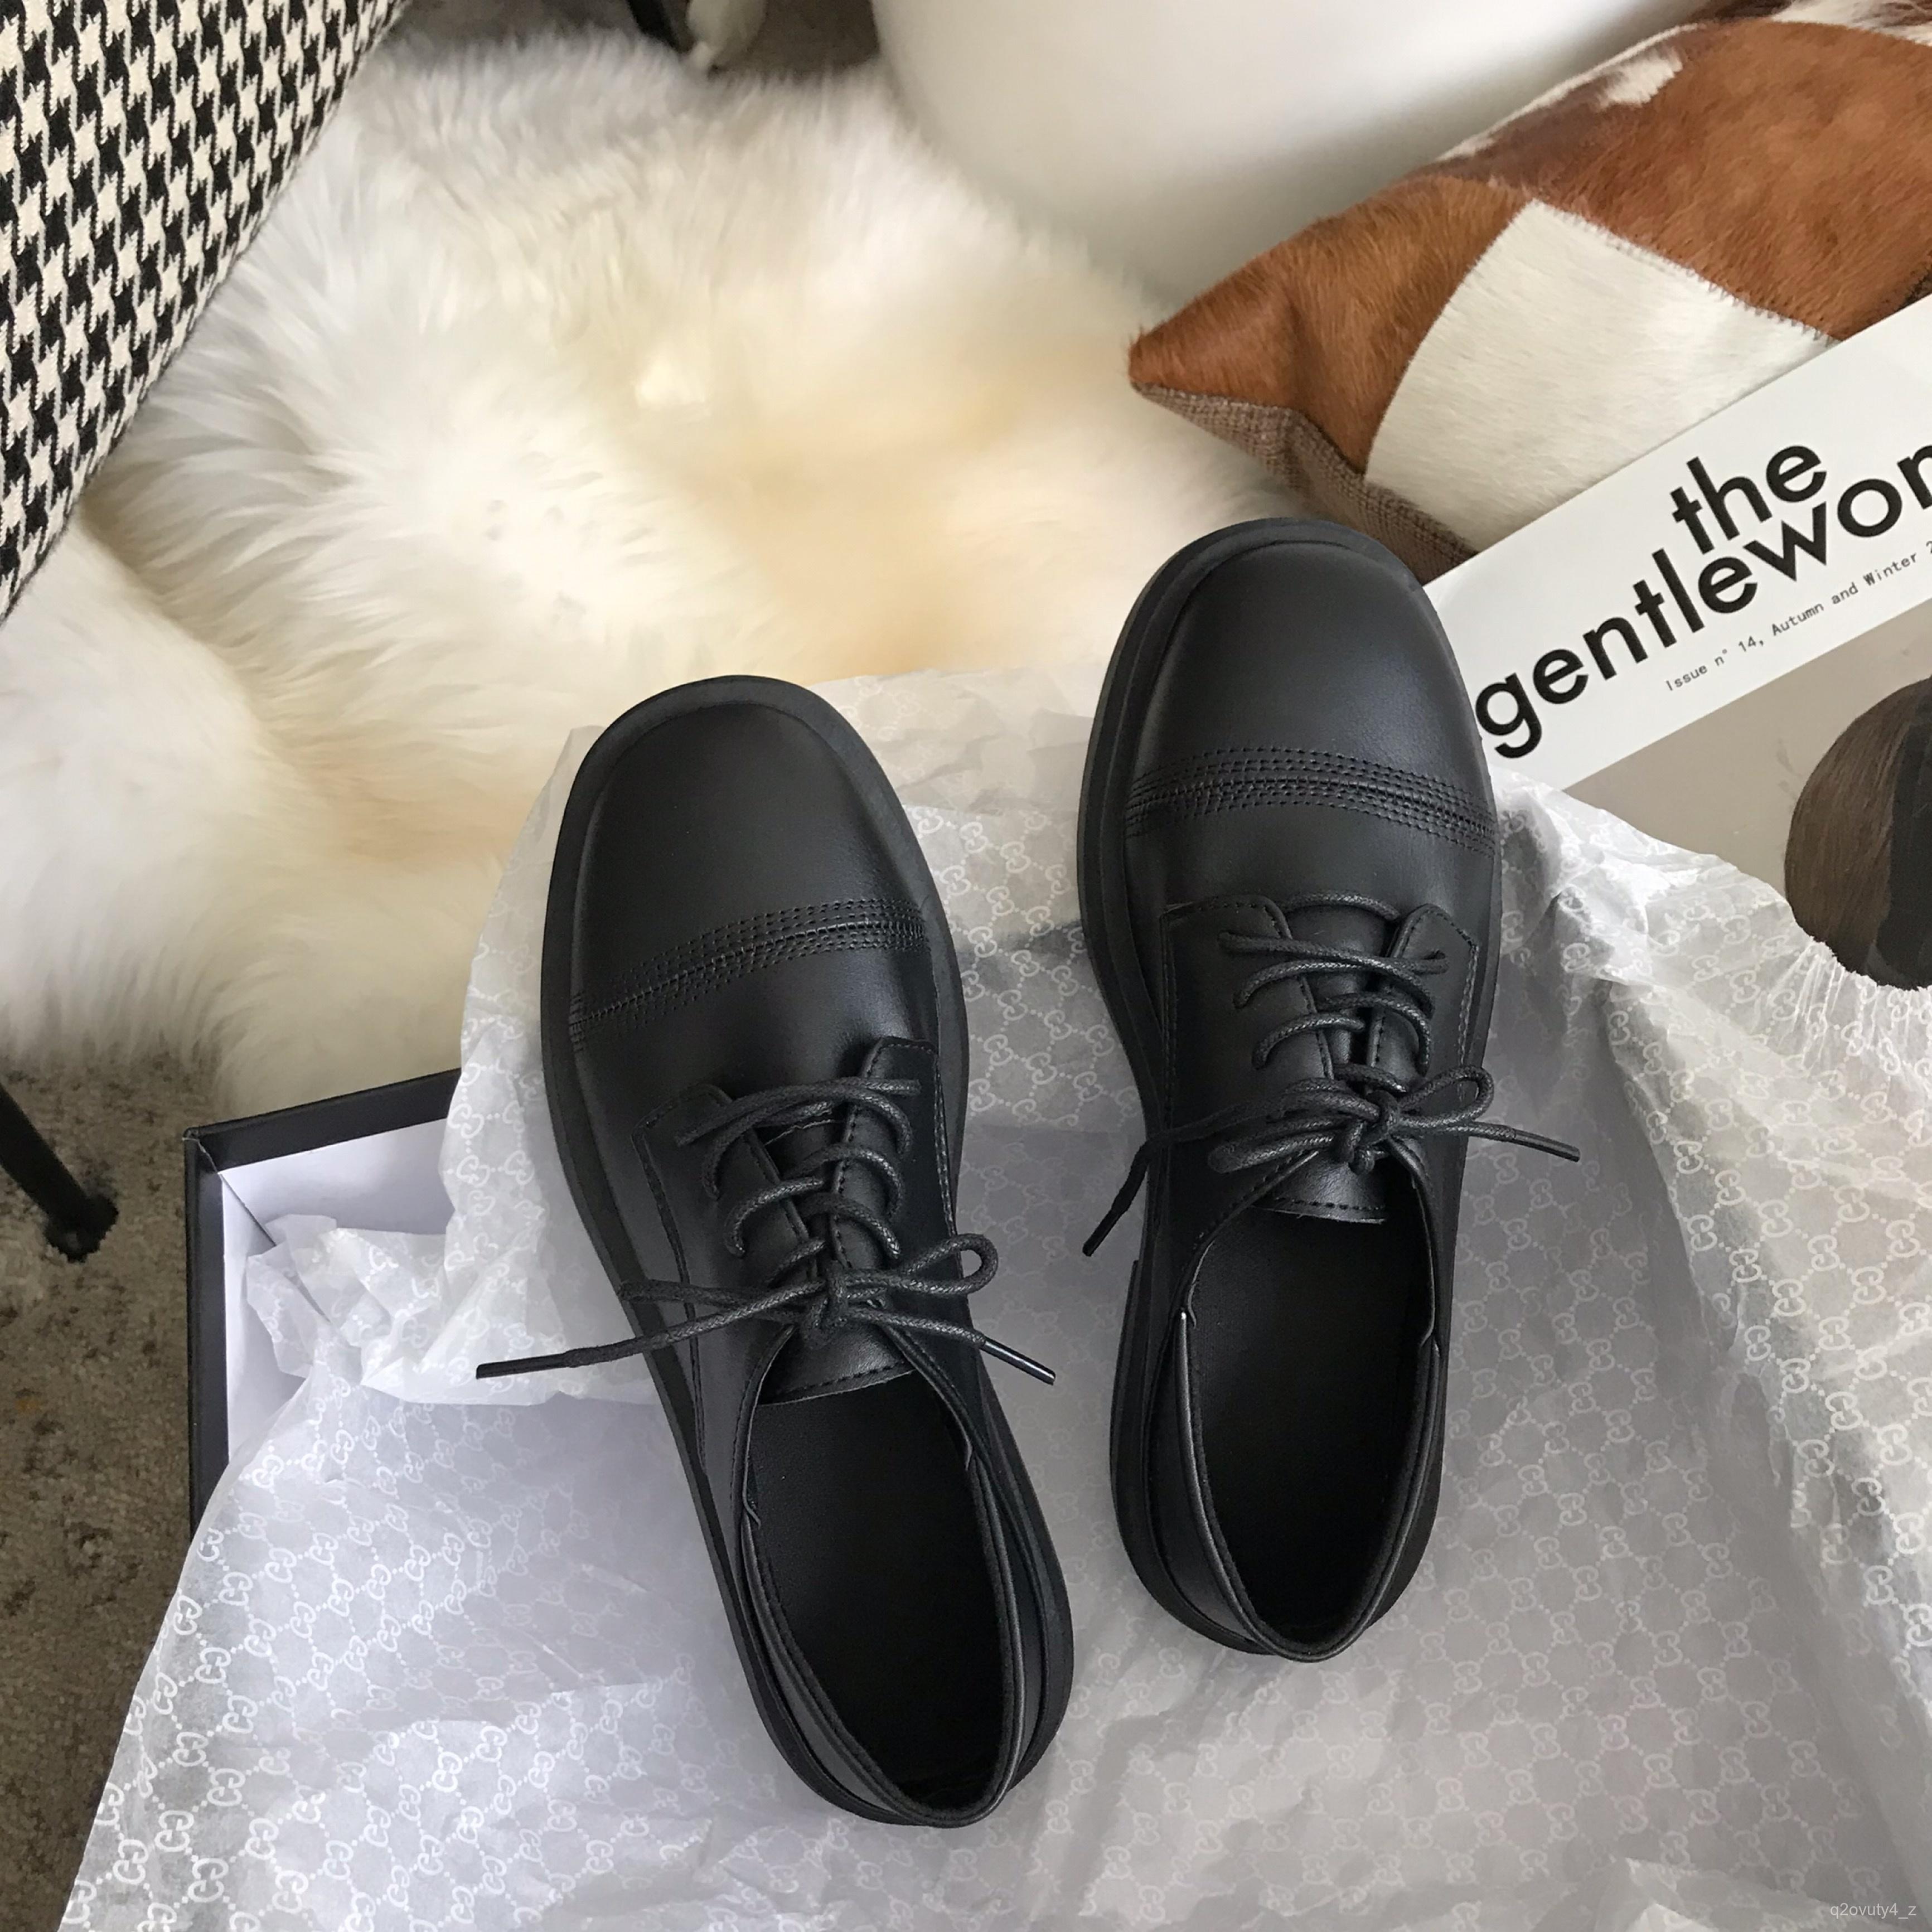 รองเท้าคัชชู  รองเท้าแตะเล็กไปหน่อยsunอุปกรณ์ภายในบ้าน รองเท้าหนังขนาดเล็กหญิงอังกฤษรองเท้าเดียวสีดำฤดูใบไม้ผลิและฤดูใบไ